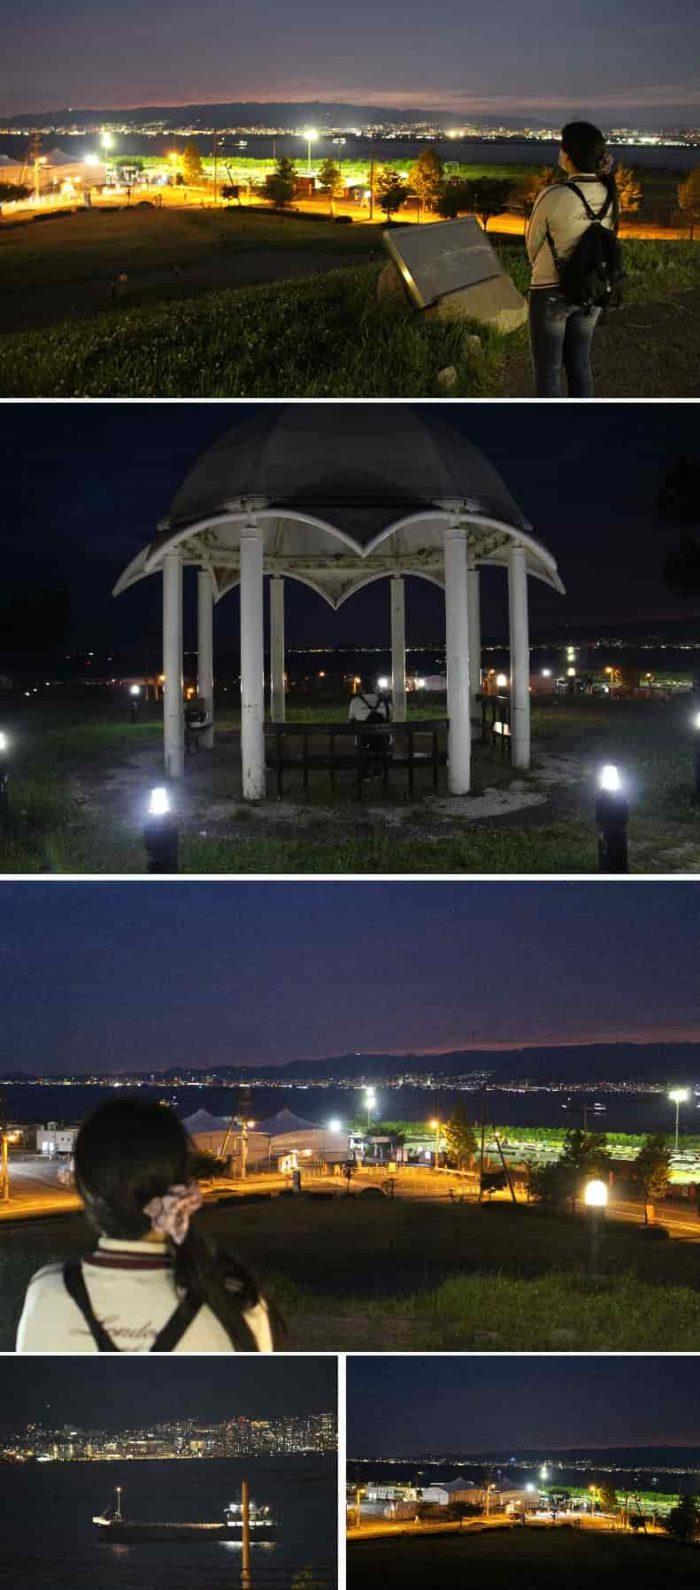 ロマンチックな雰囲気の展望広場です。